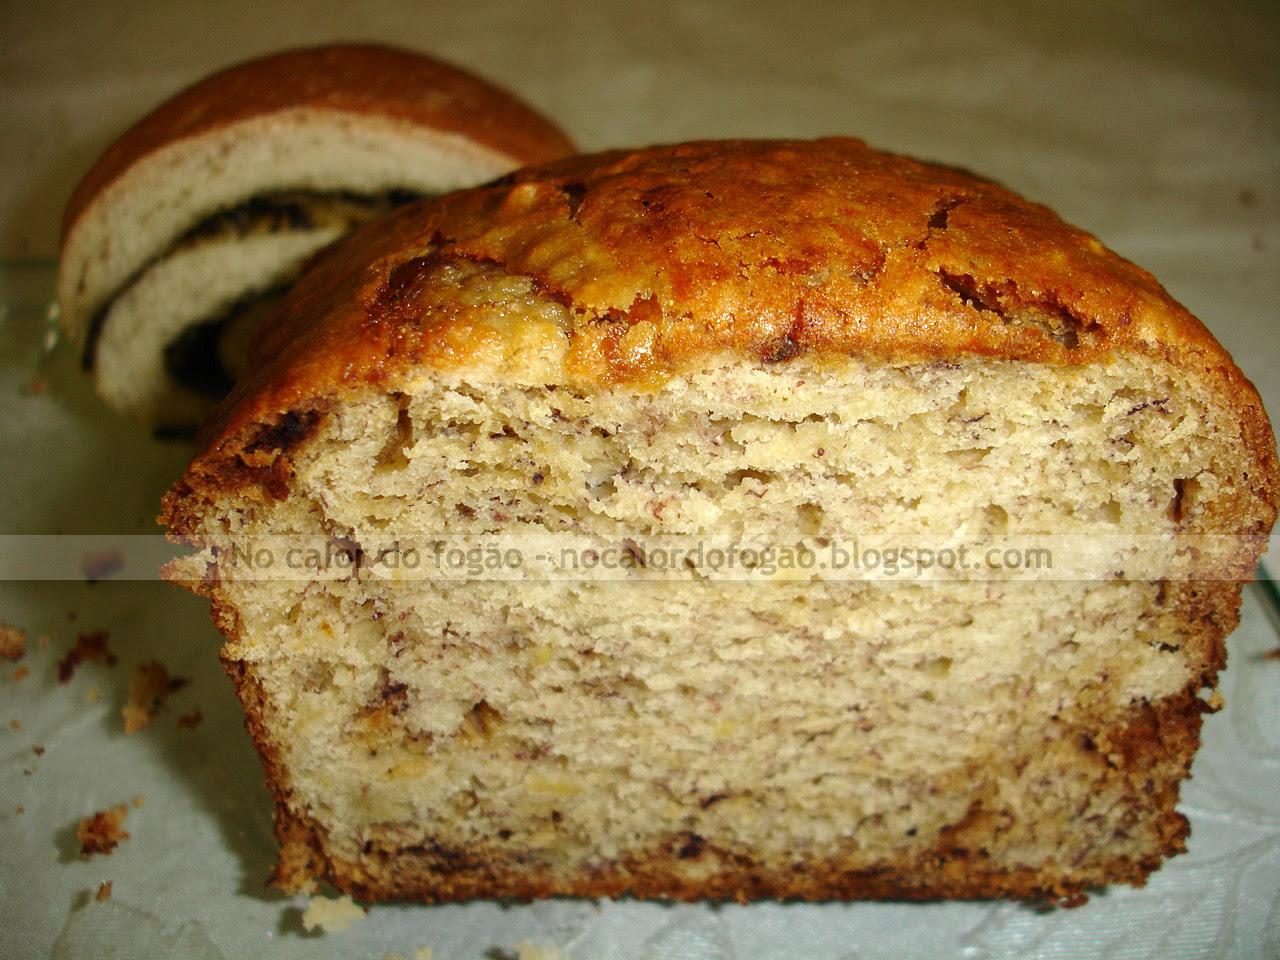 Pão de banana cortado